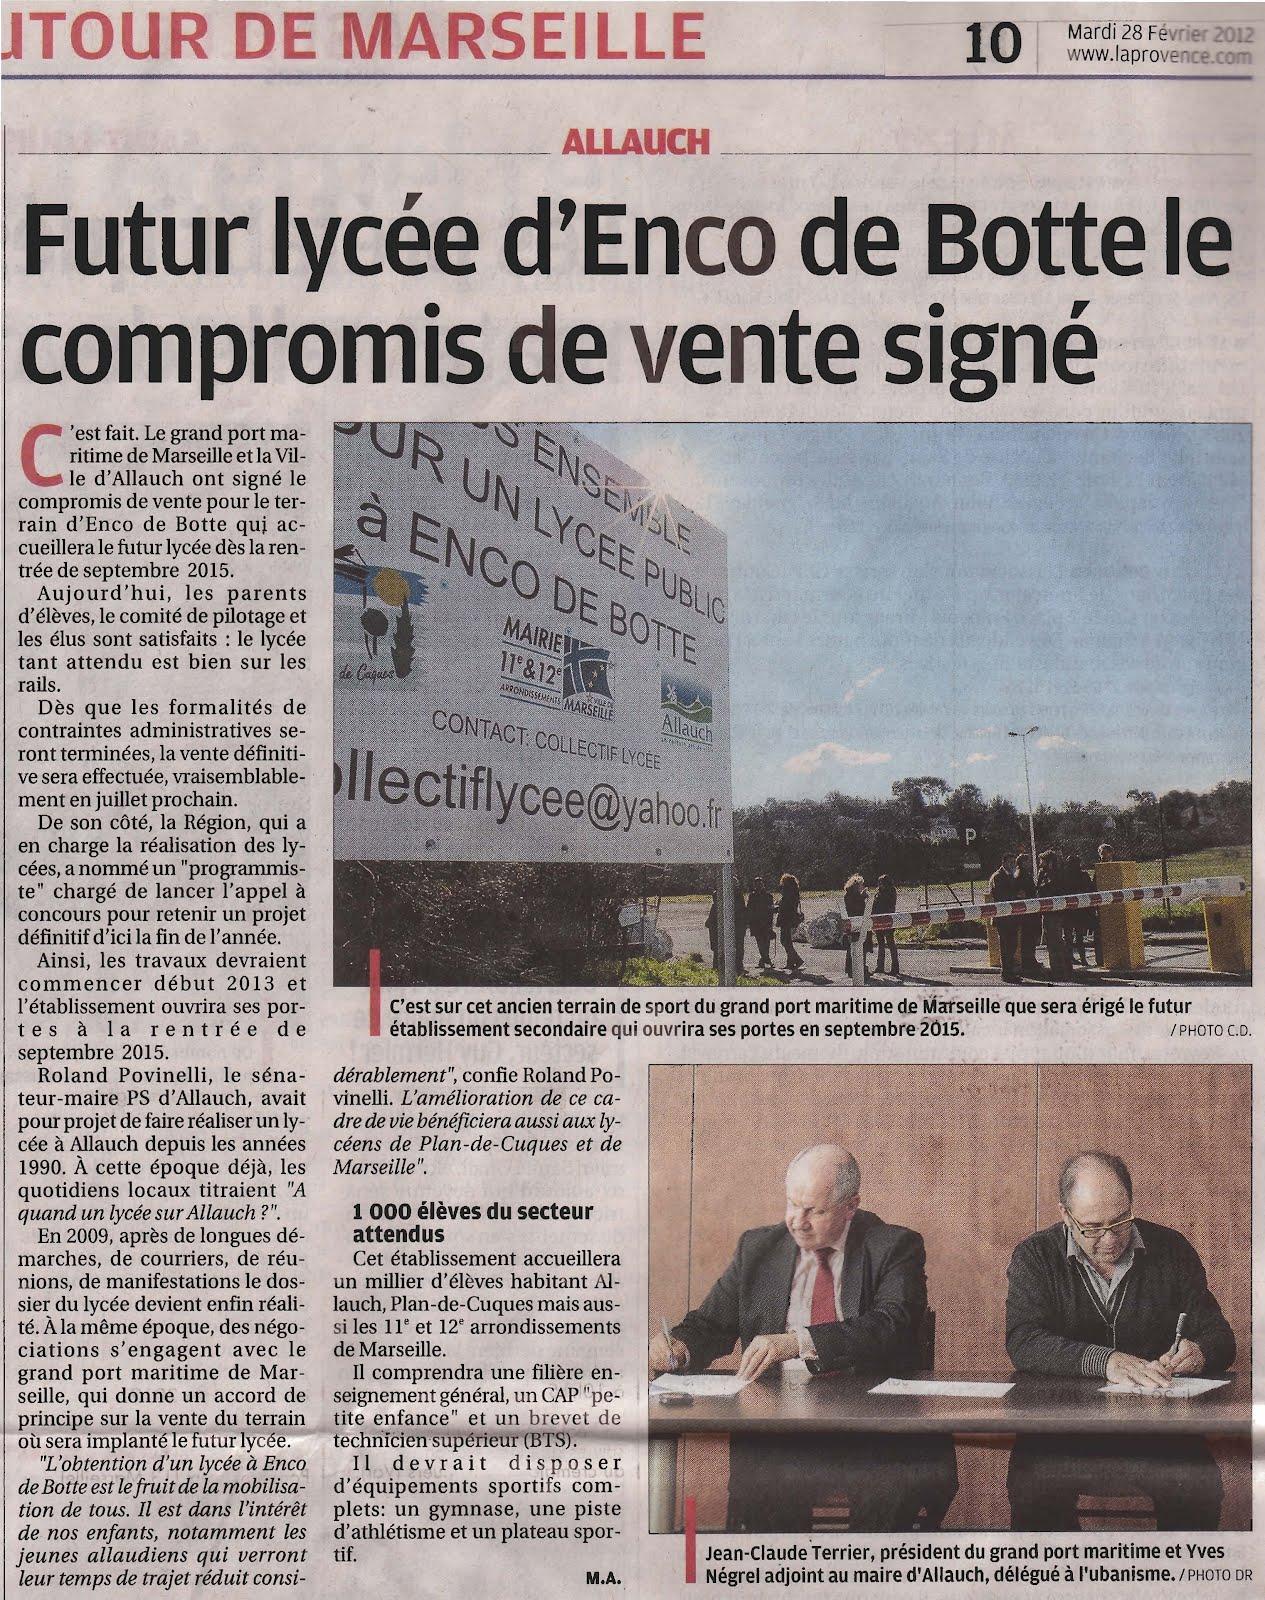 Blog officiel du collectif du lyc e enco de botte mars 2012 - Compromis de vente retractation vendeur ...